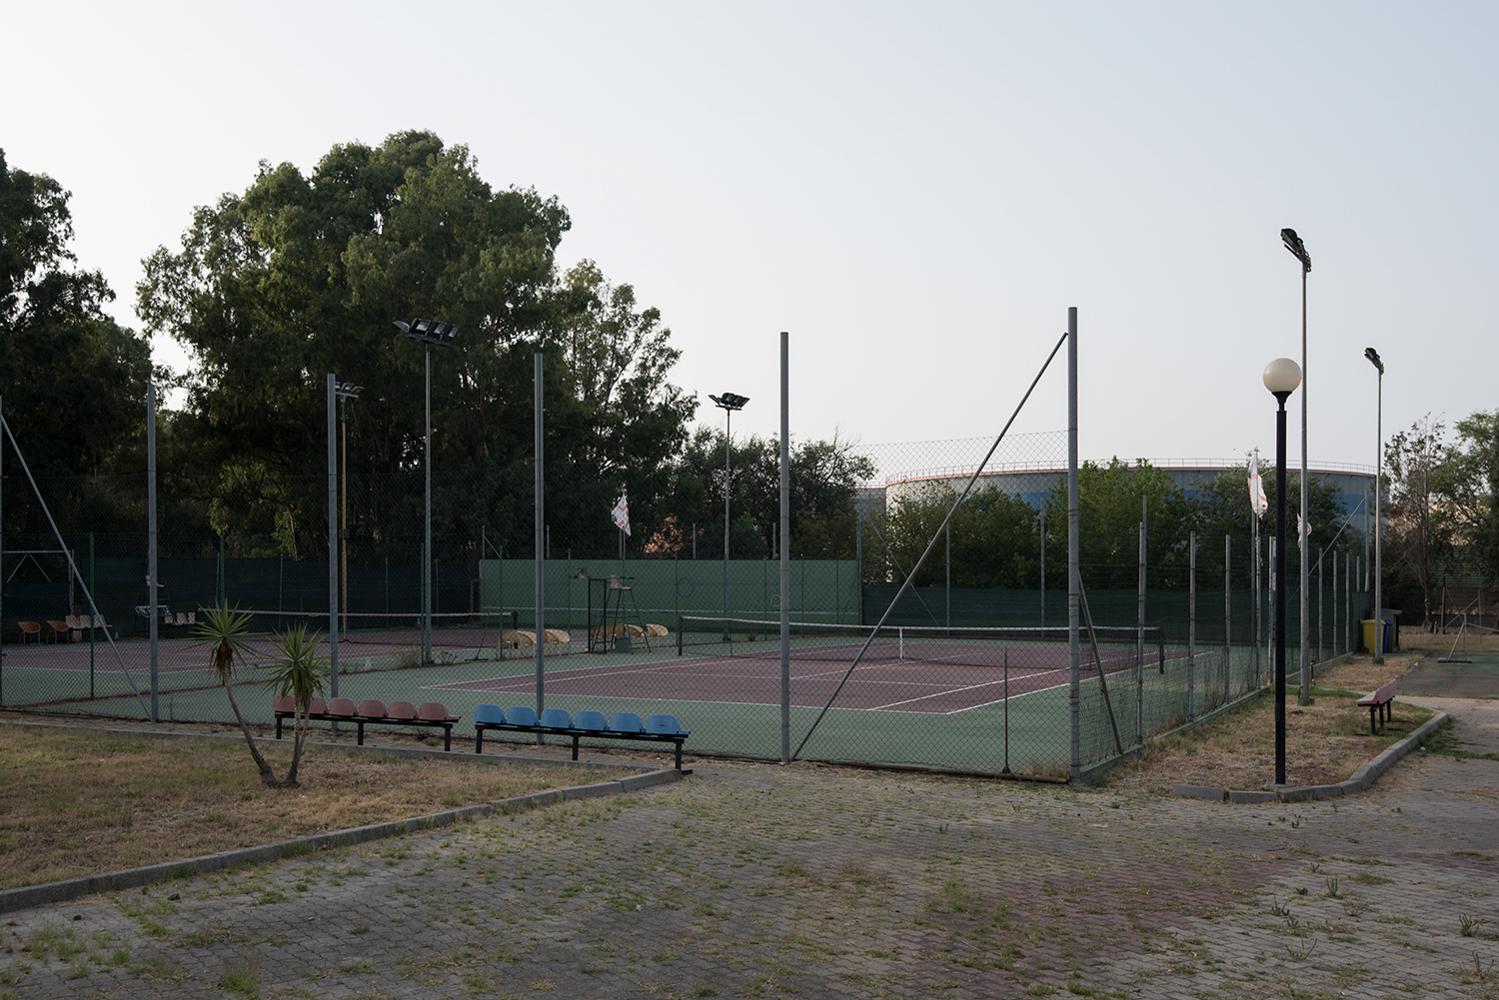 Palestre e campi sportivi sorgono a ridosso di imponenti cisterne disposte lungo i confini della raffineria. Sarroch (Cagliari), 2017